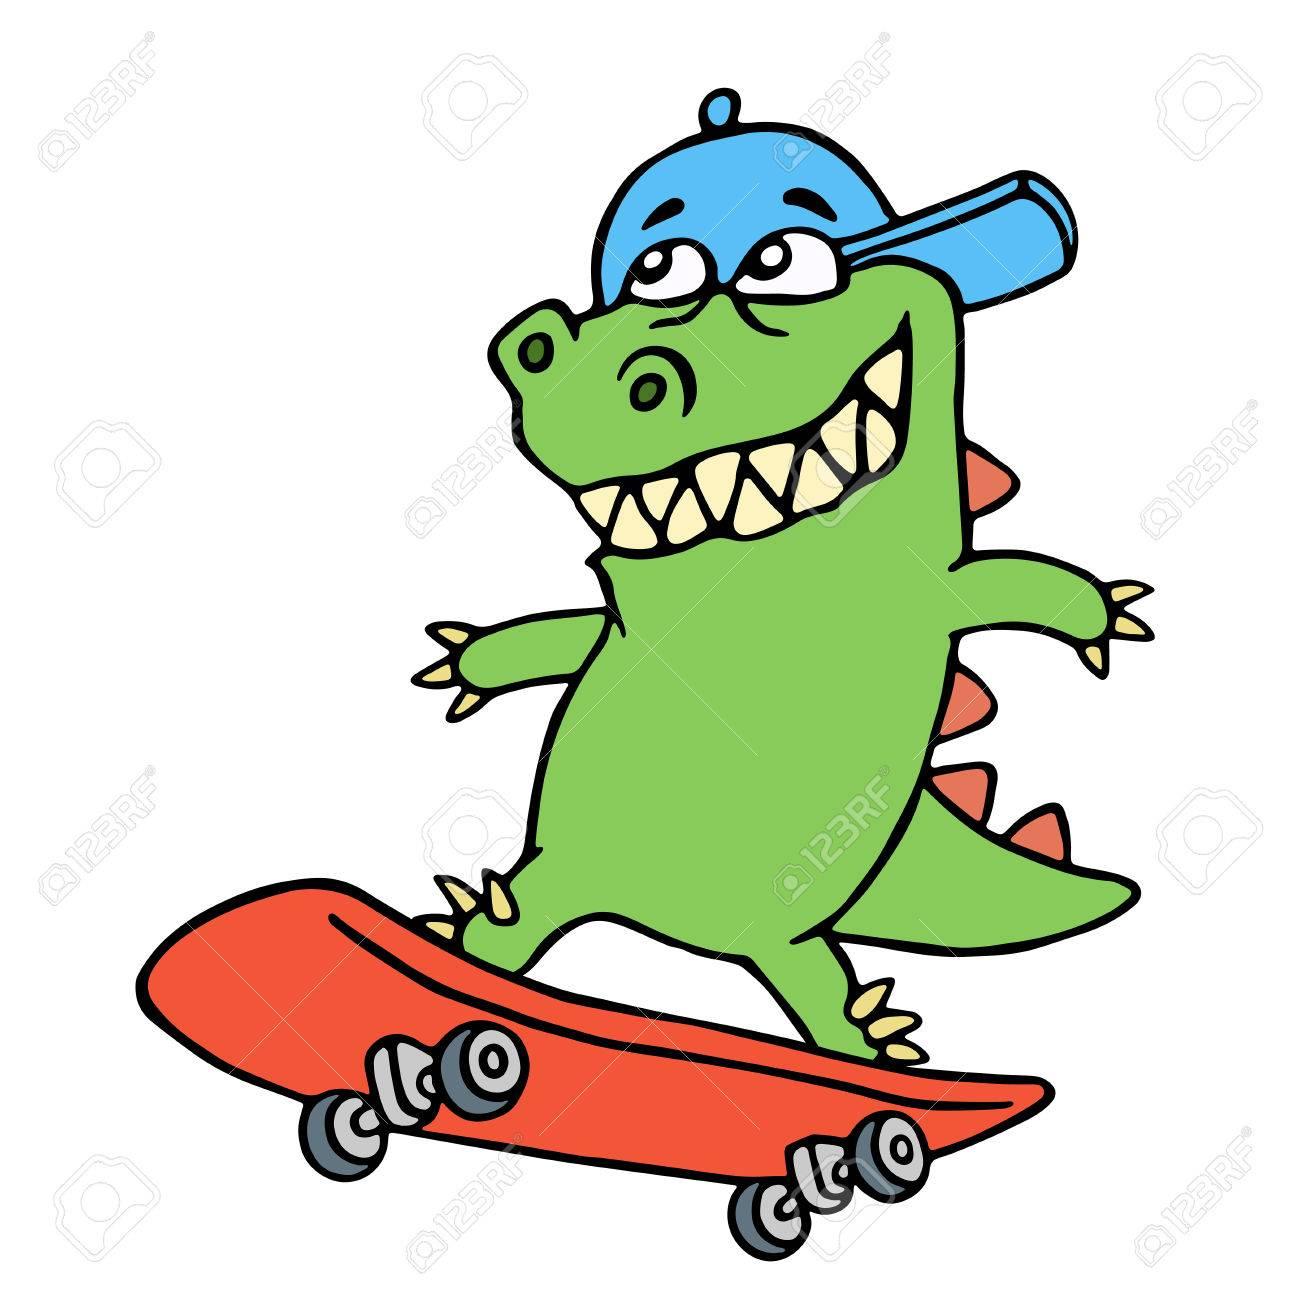 キャップのドリー漫画ドラゴンはスケート ボードに乗ってベクトルの図